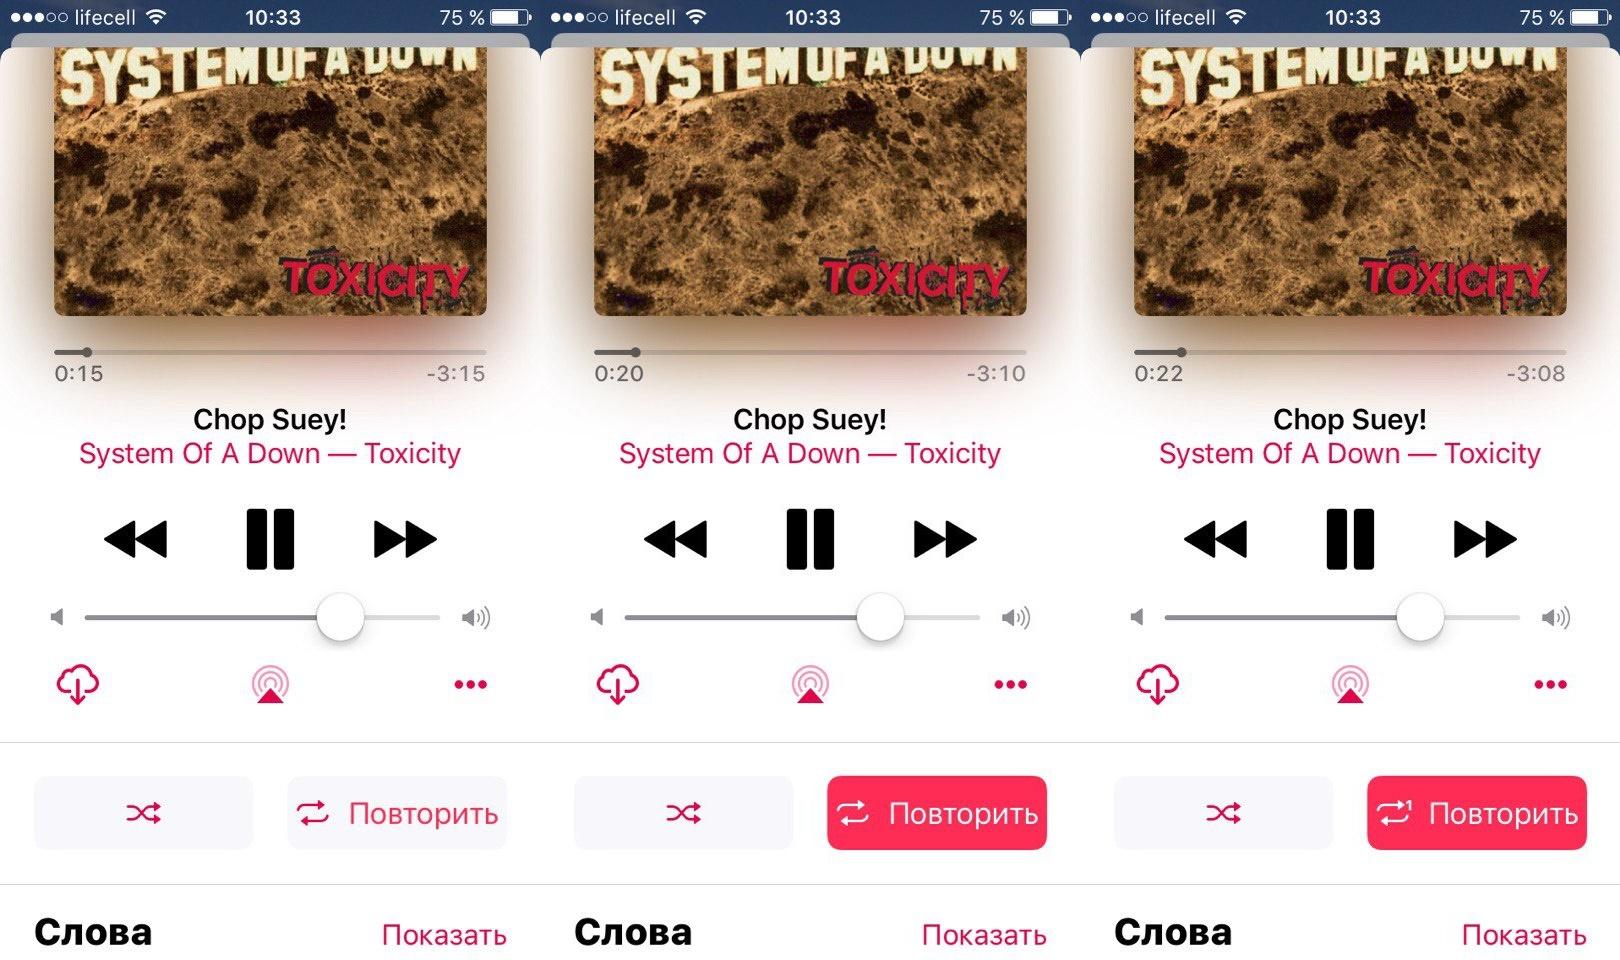 Режимы повтора в Apple Music